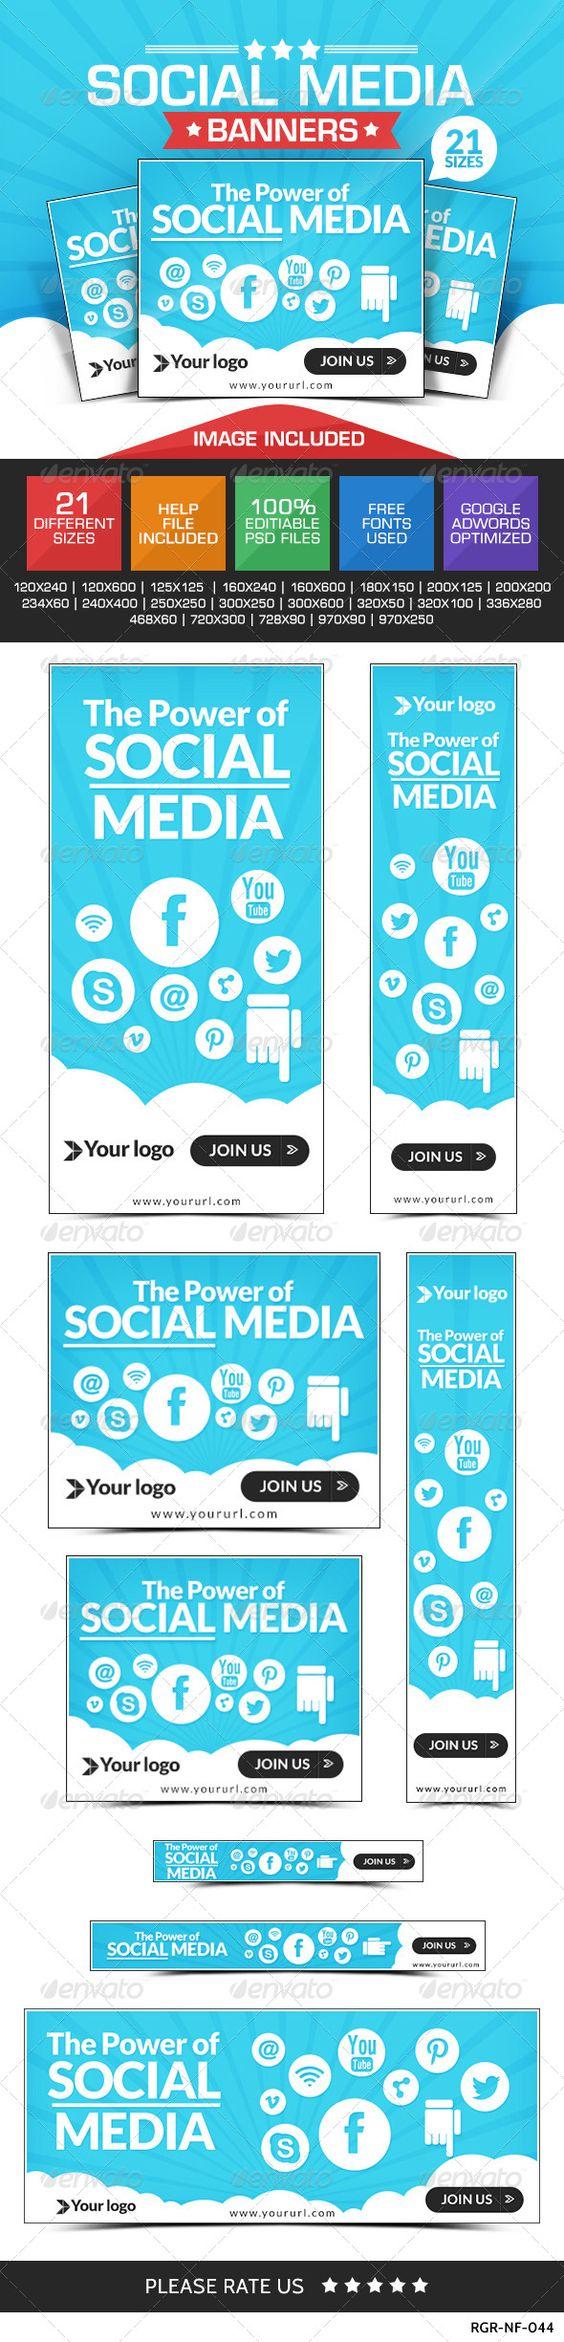 Social Media Marketing Banners | Social media marketing ...